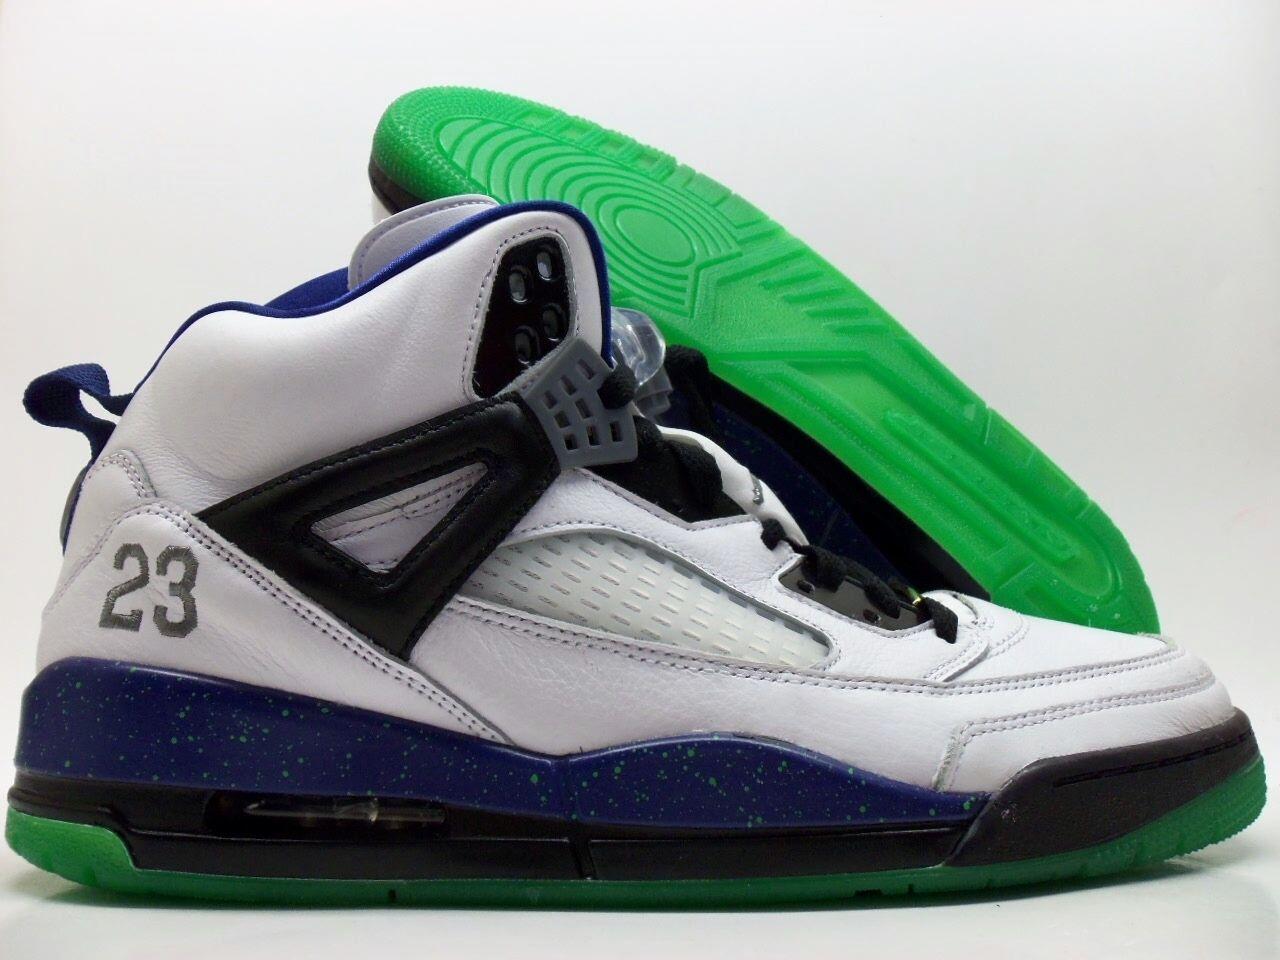 Nike air jordan nero-royal spizike id bianco / nero-royal jordan blu dimensioni uomini 13 [605236-971] cbdc6c